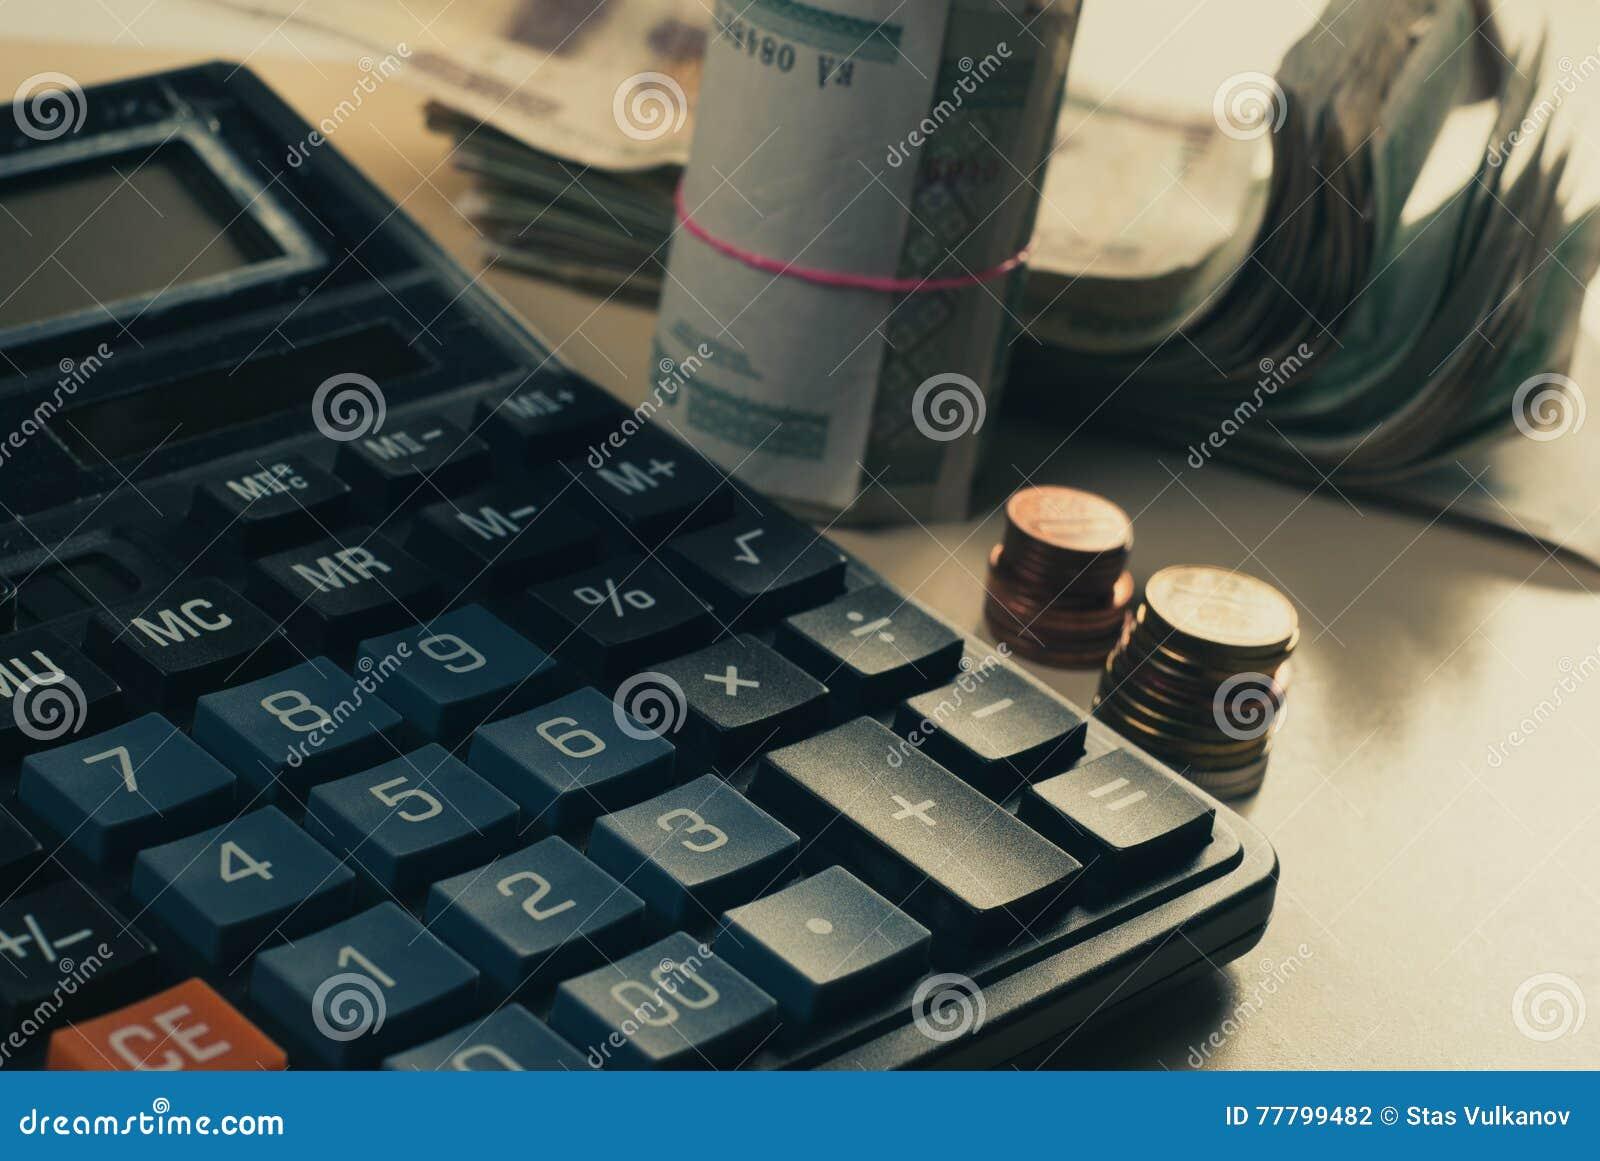 réflexion réelle d'argent de maison de patrimoine de concept